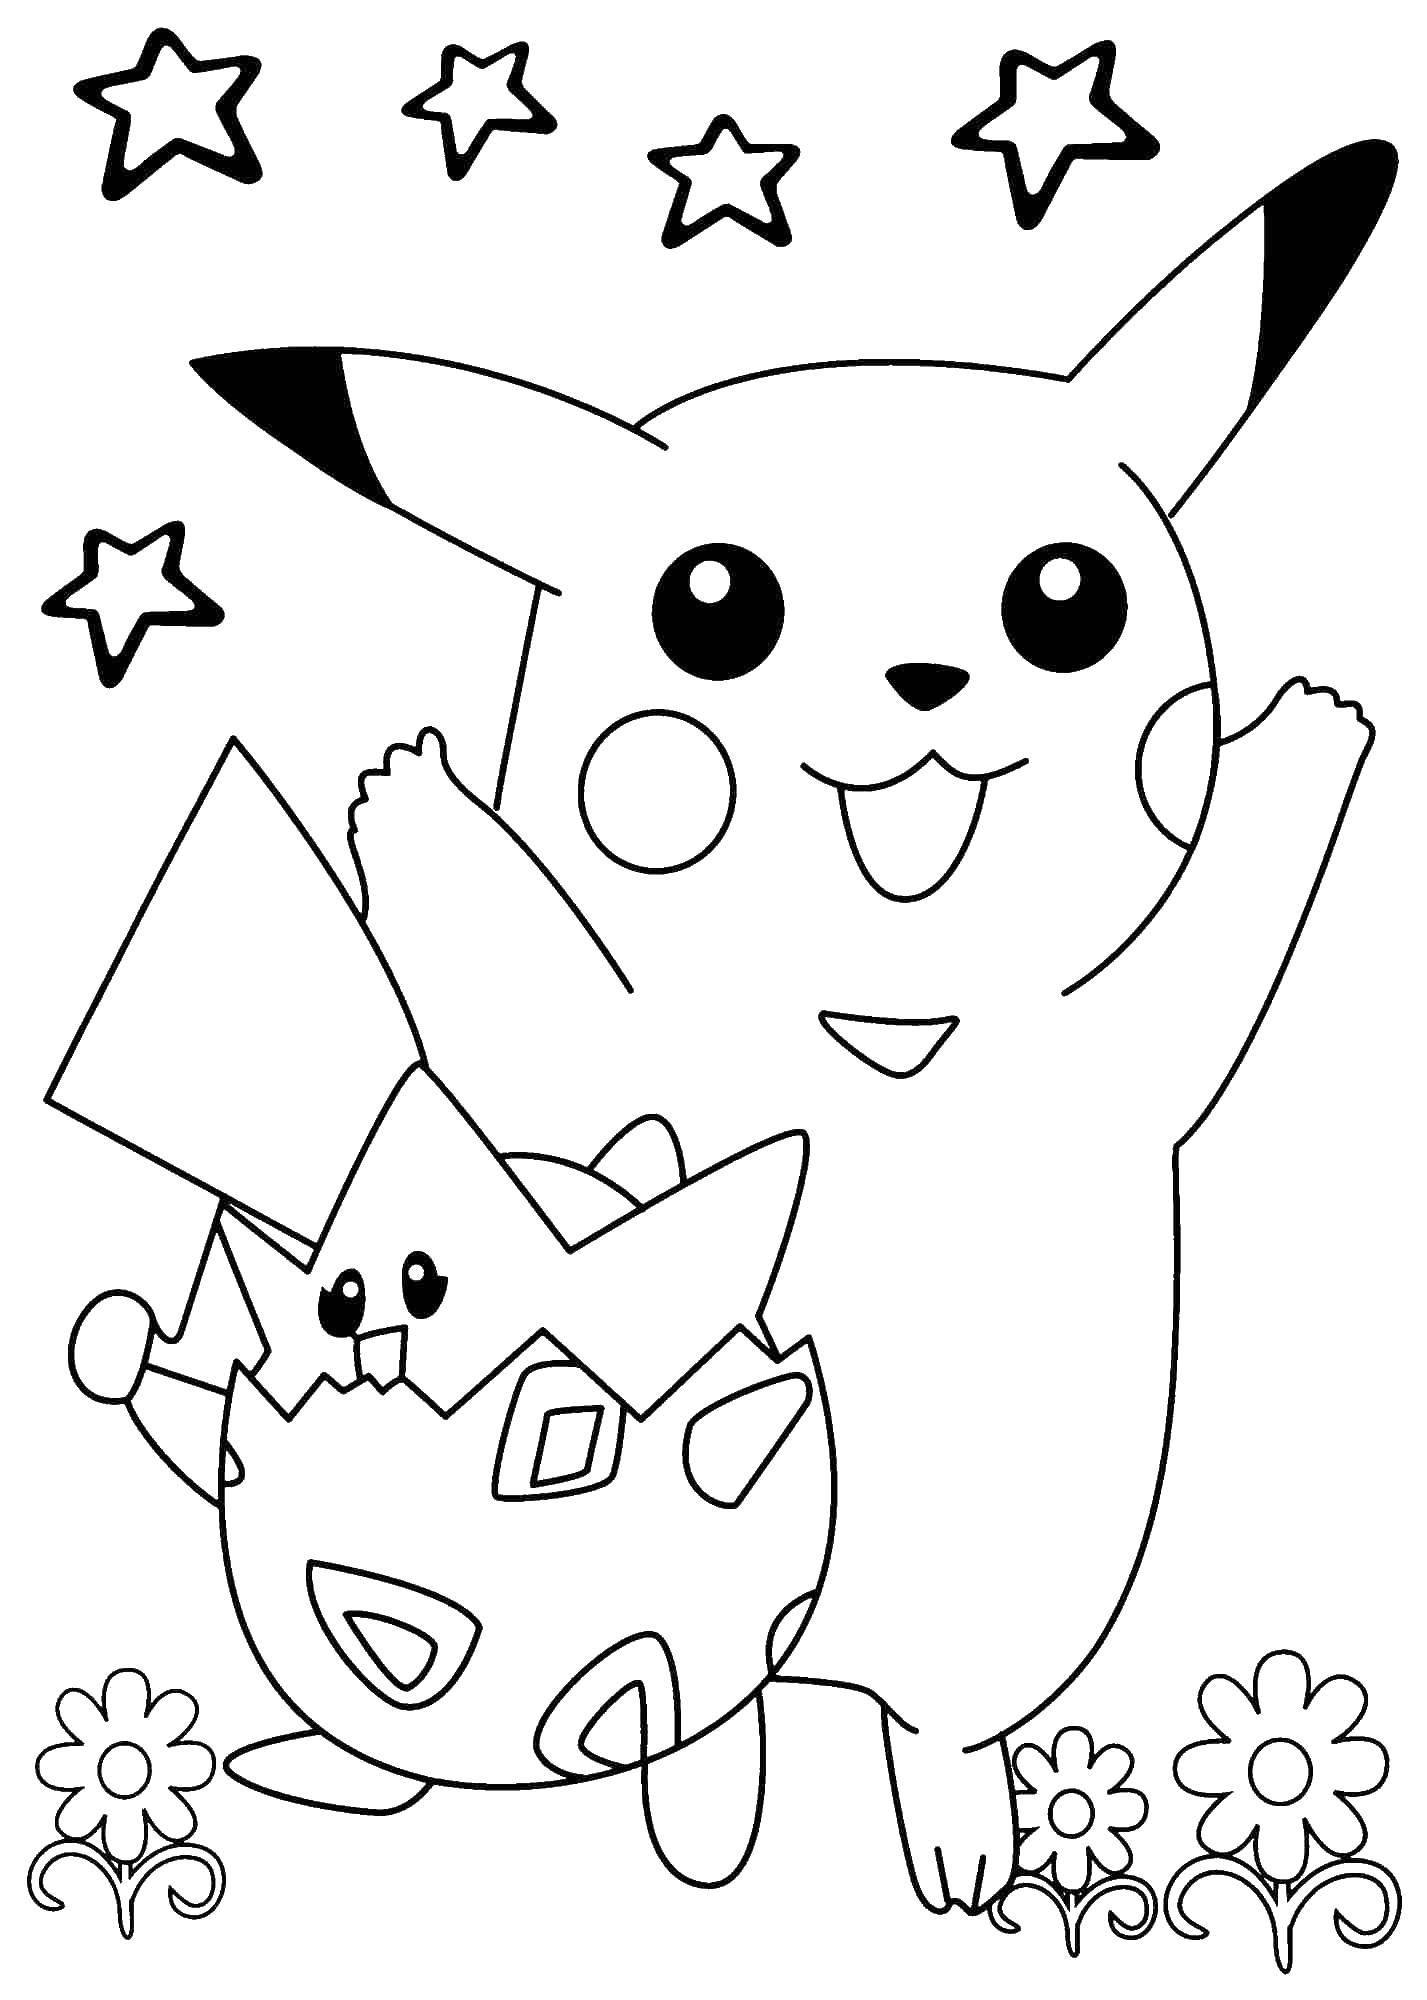 Раскраска Покемон пикачу Скачать Покемон.  Распечатать ,Покемоны,